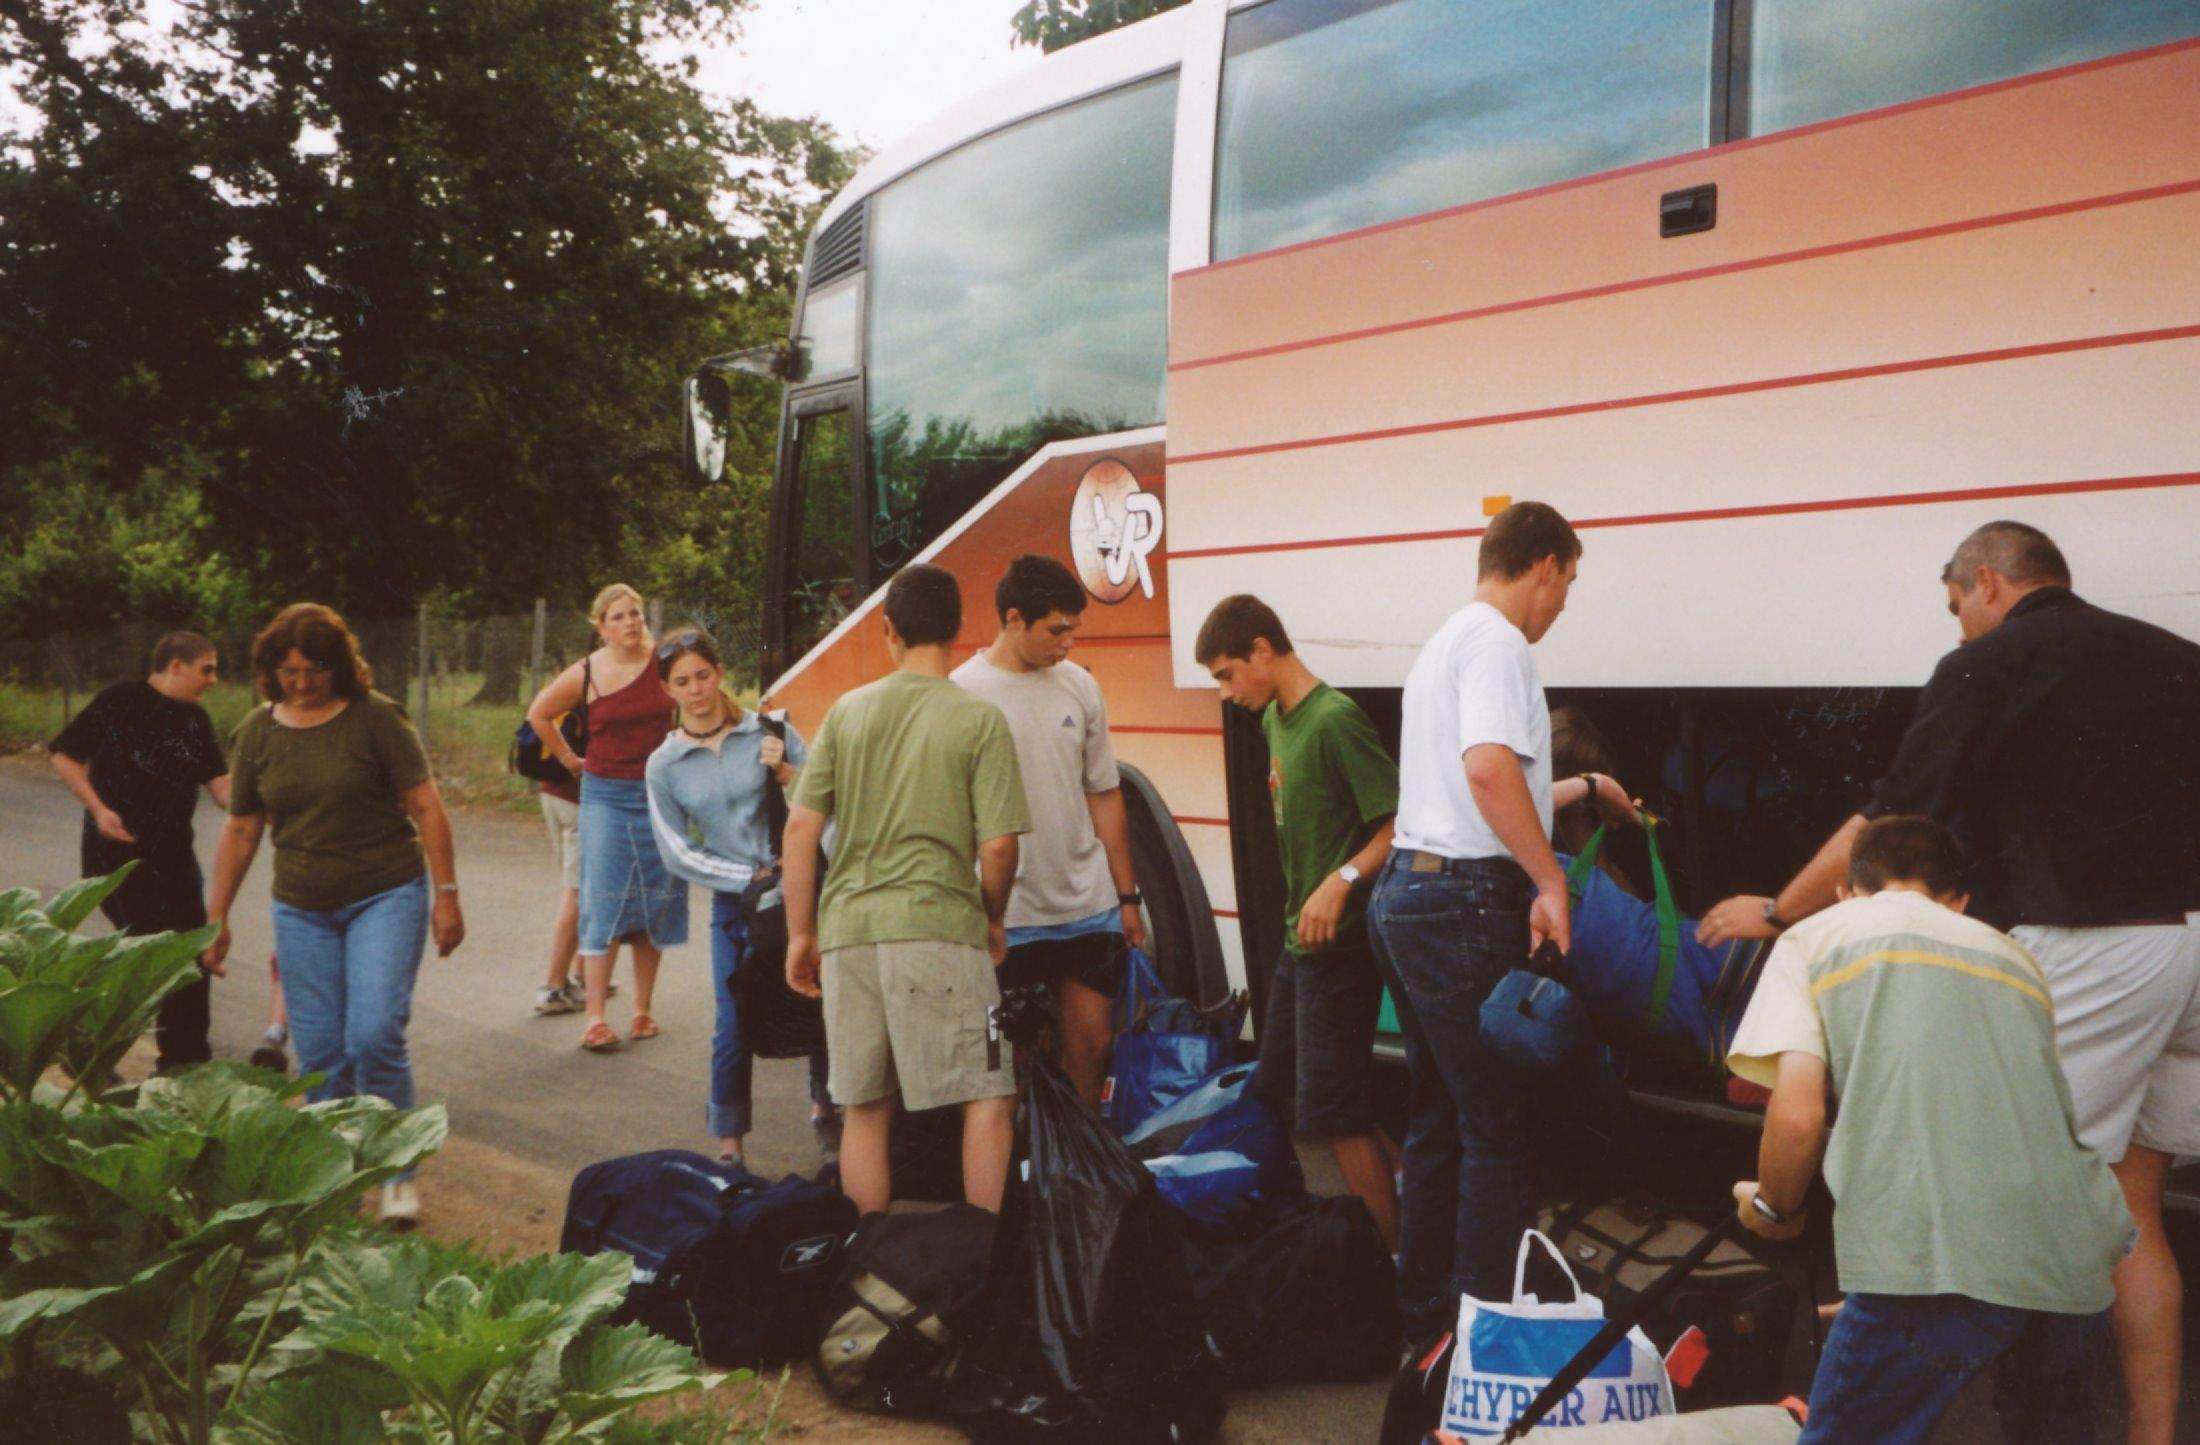 Archives anciens élèves mfr puy-sec 2002 (13)